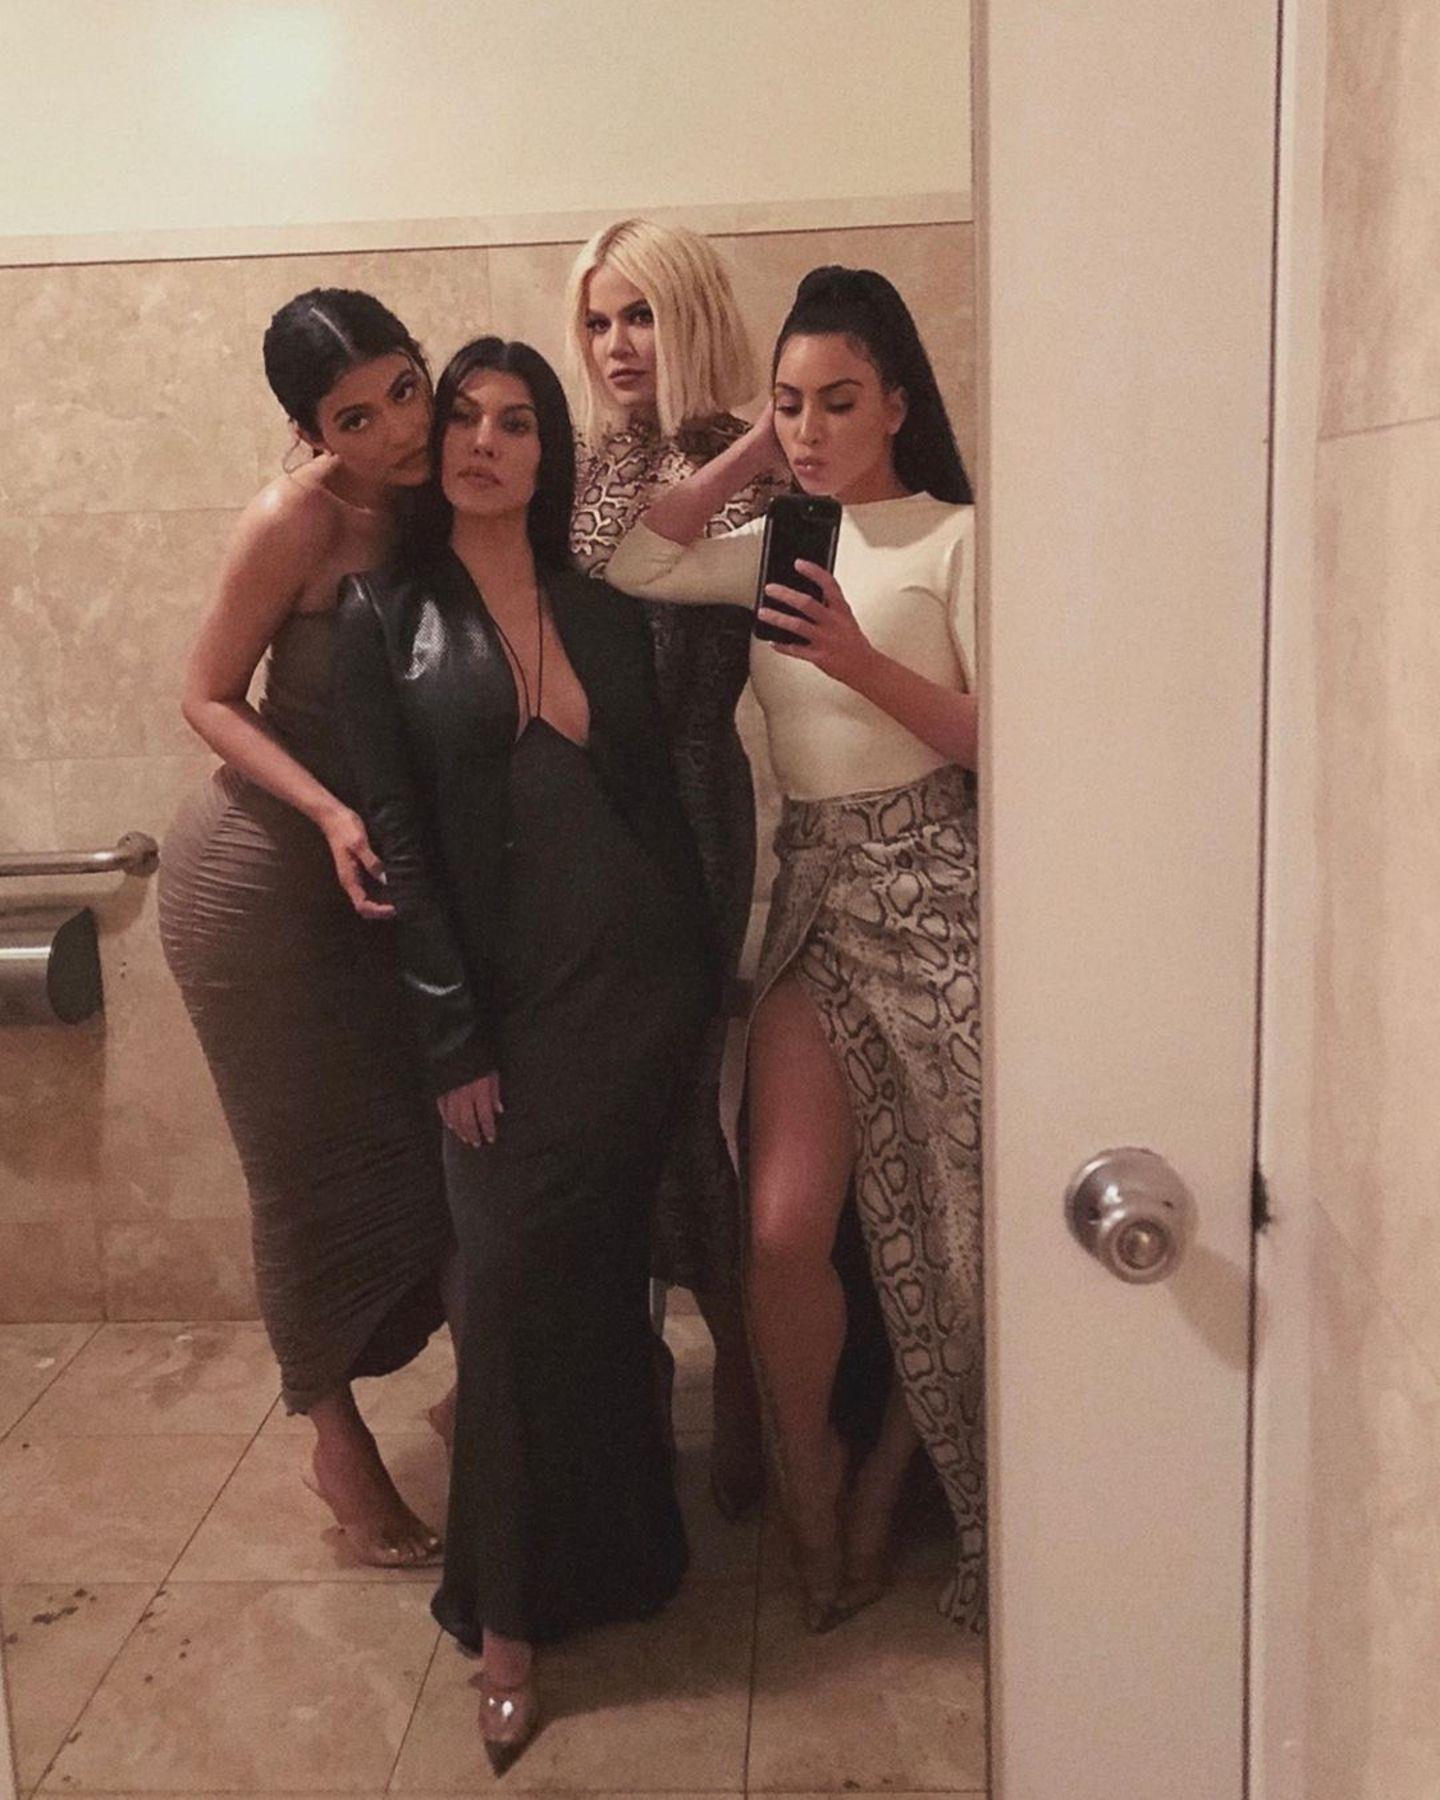 2. April 2020  Da war die Welt noch in Ordnung. Kim Kardashian postet ein Foto mit ihren SchwesternKylie Jenner,Khloé Kardashian und Kourtney Kardashian.Einzig Kendall Jenner fehlt, um das Quintett komplett zu machen. Inzwischen ist die Stimmung zwischen Kim und Kourtney erheblich frostiger geworden, nachdem beide sich in in ihrer Doku-Soap stritten und sogar handgreiflich wurden.